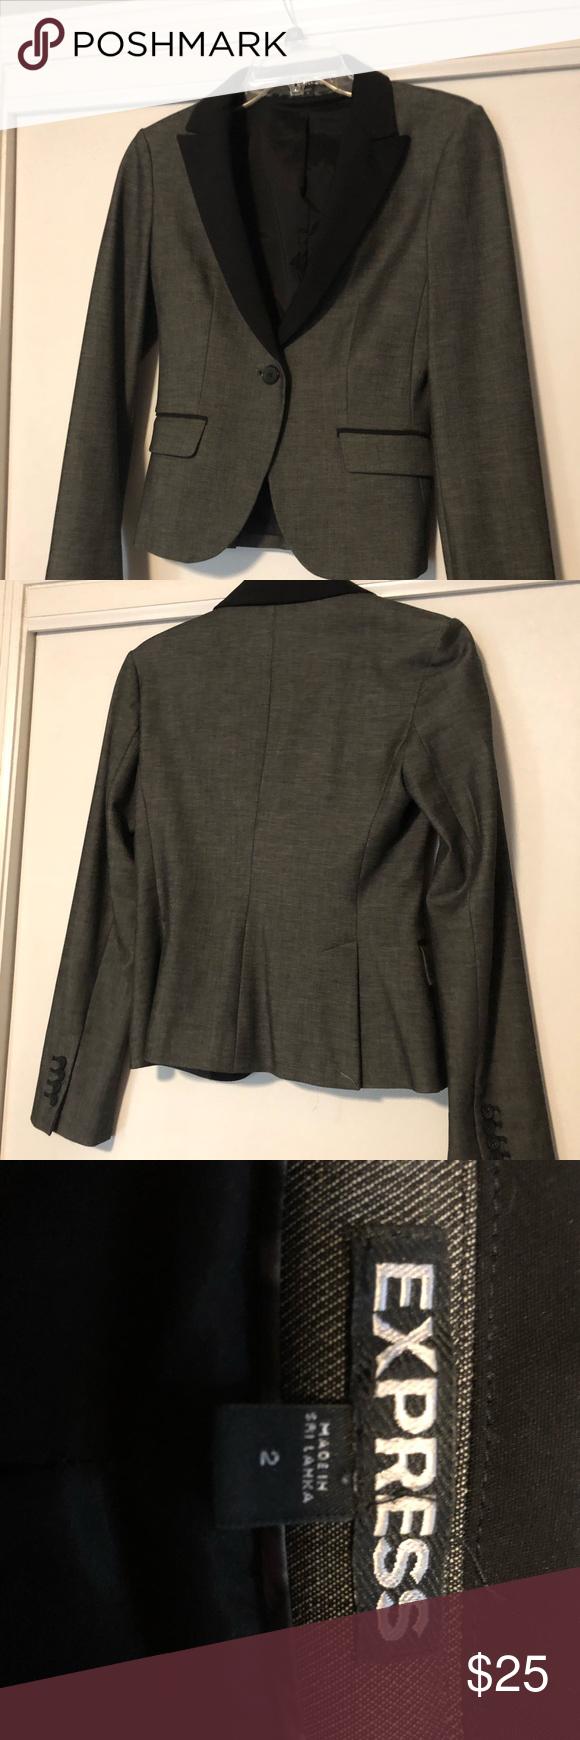 Woman Coats kmart womans coats Woman Coats kmart womans coats